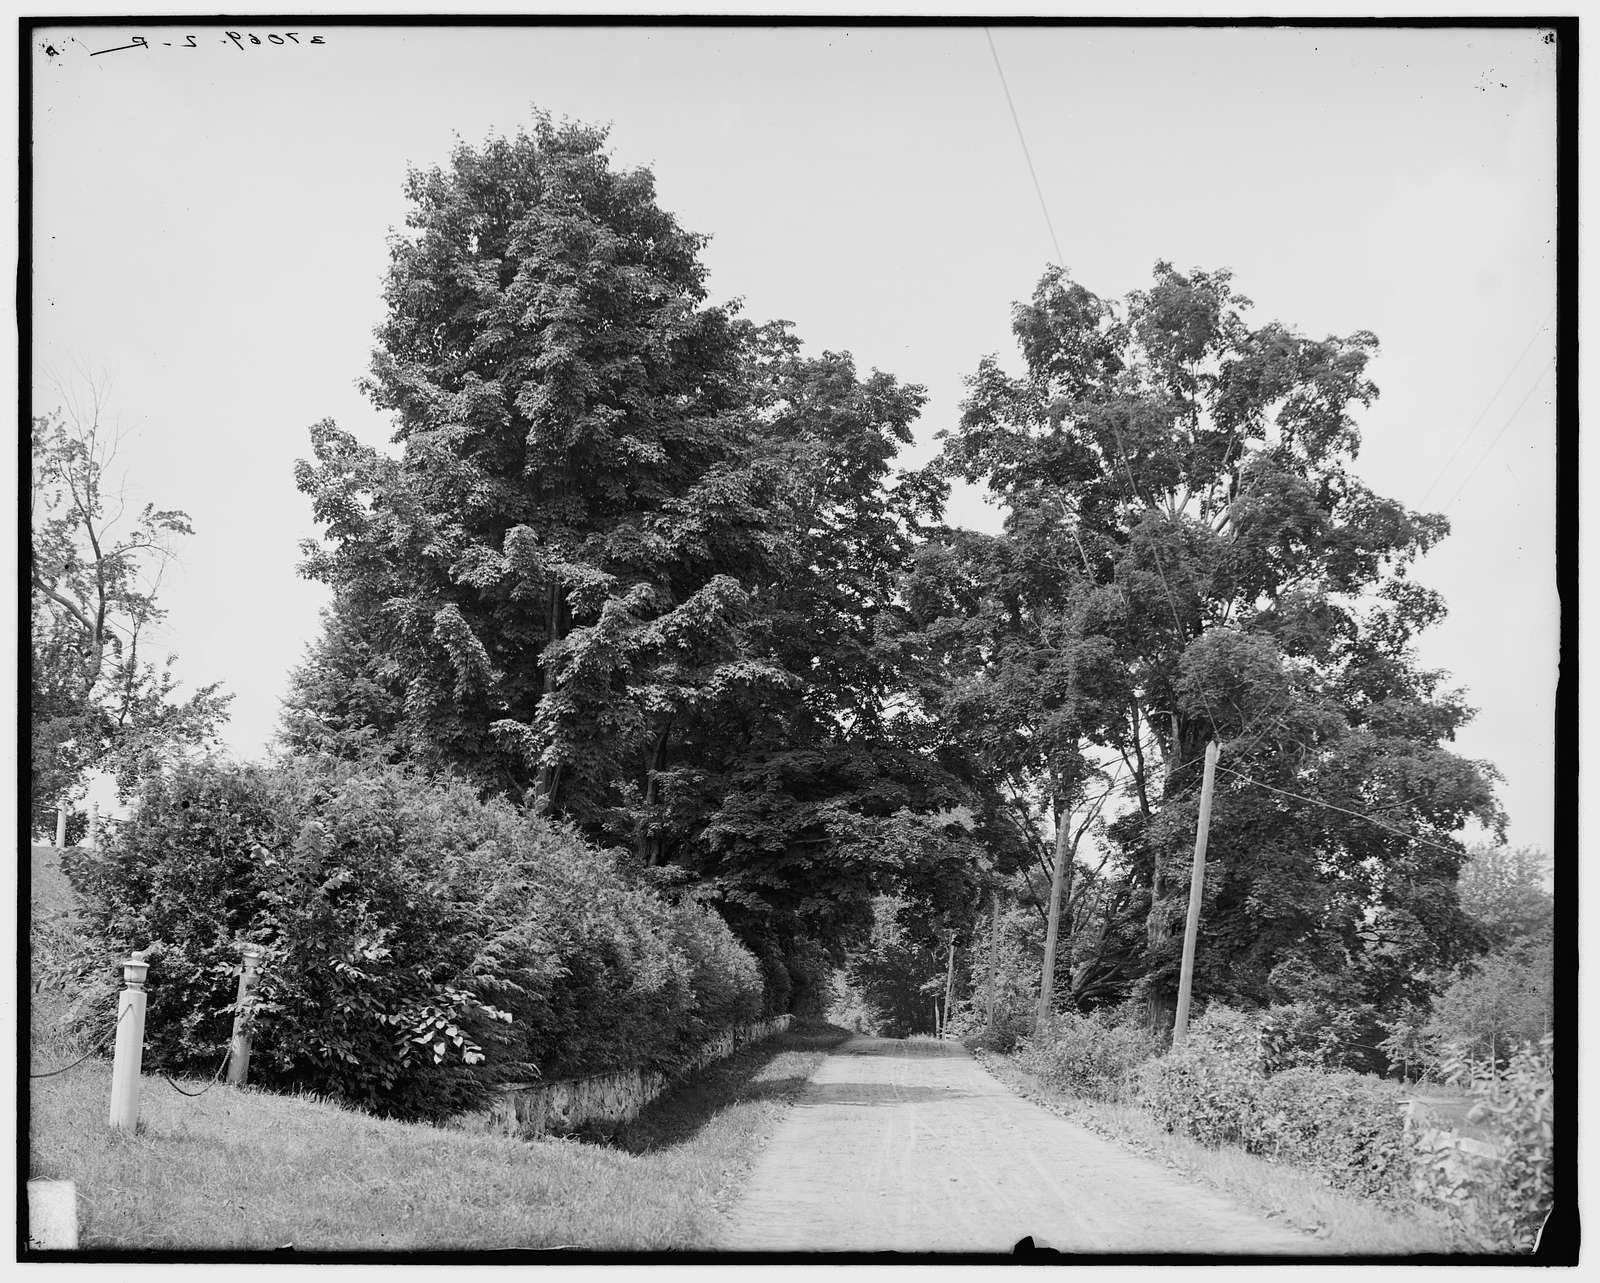 Rutland, Vt., Dorr Place (the Maples) & Dorr Road